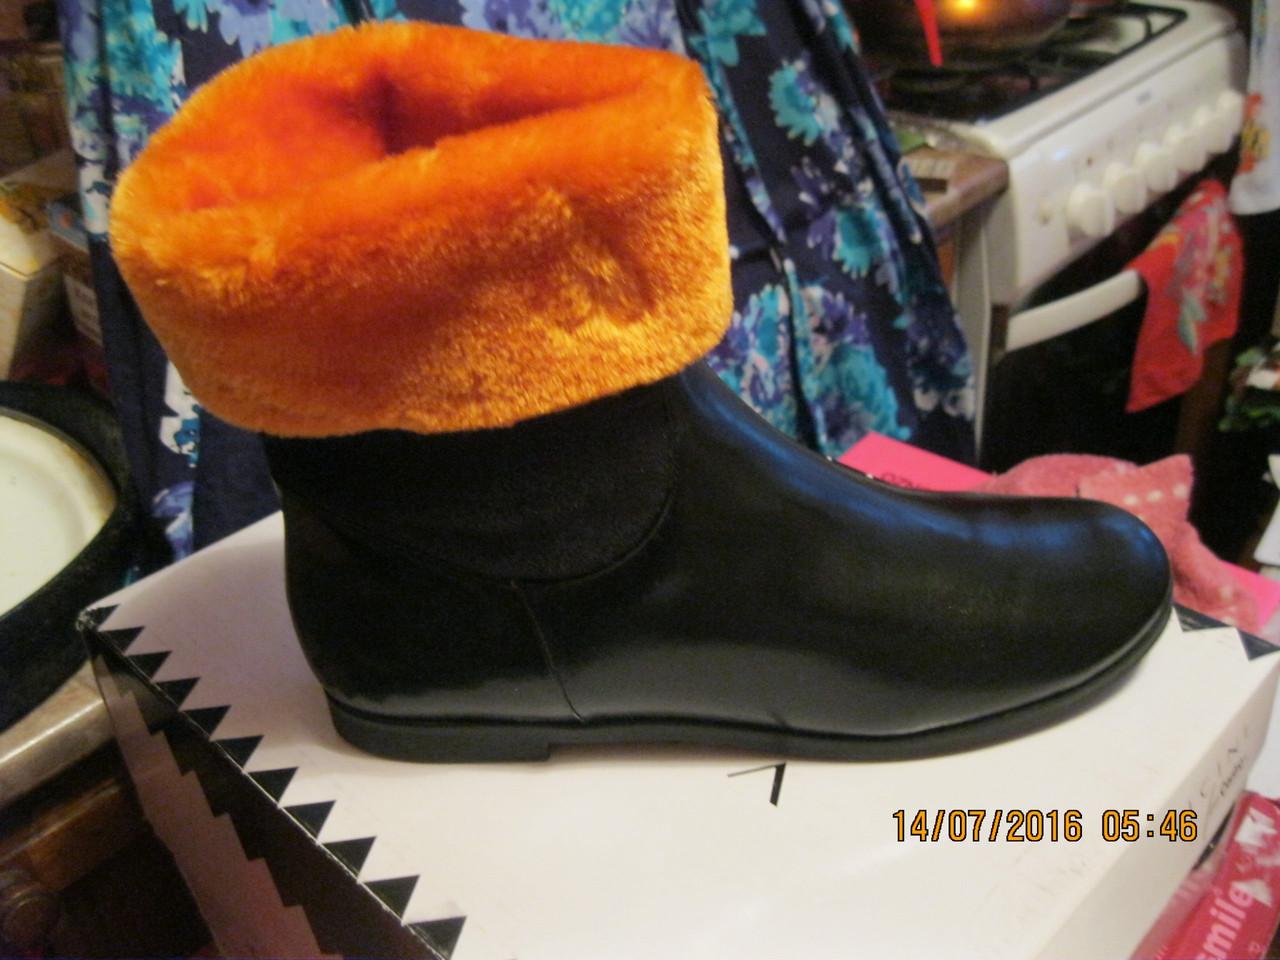 САПОГИ БОТИНКИ 36р 2варианта носки зимние черные женские легкие отличная модель